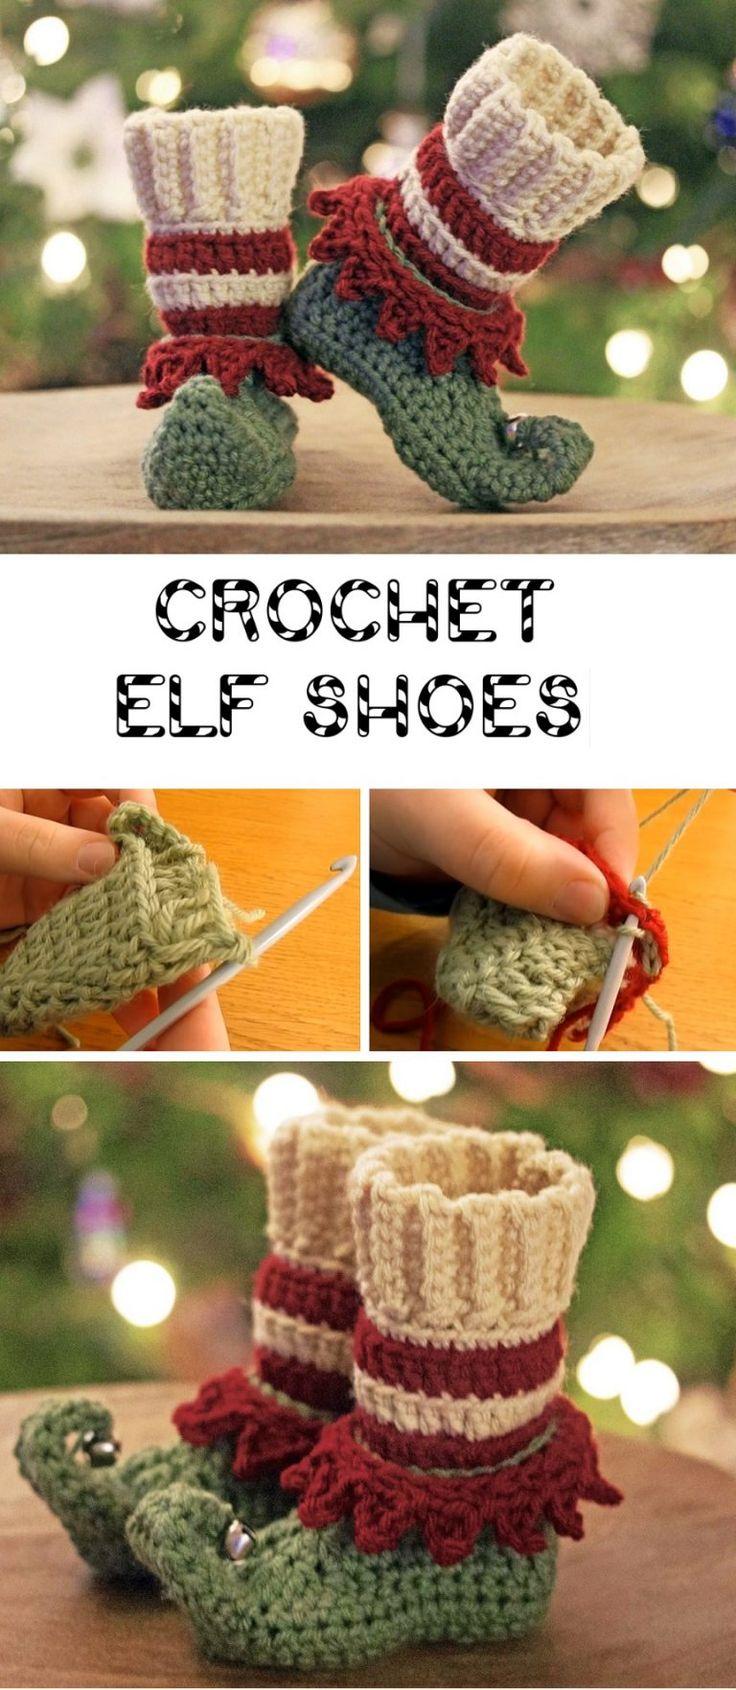 Crochet Christmas Elf Slippers